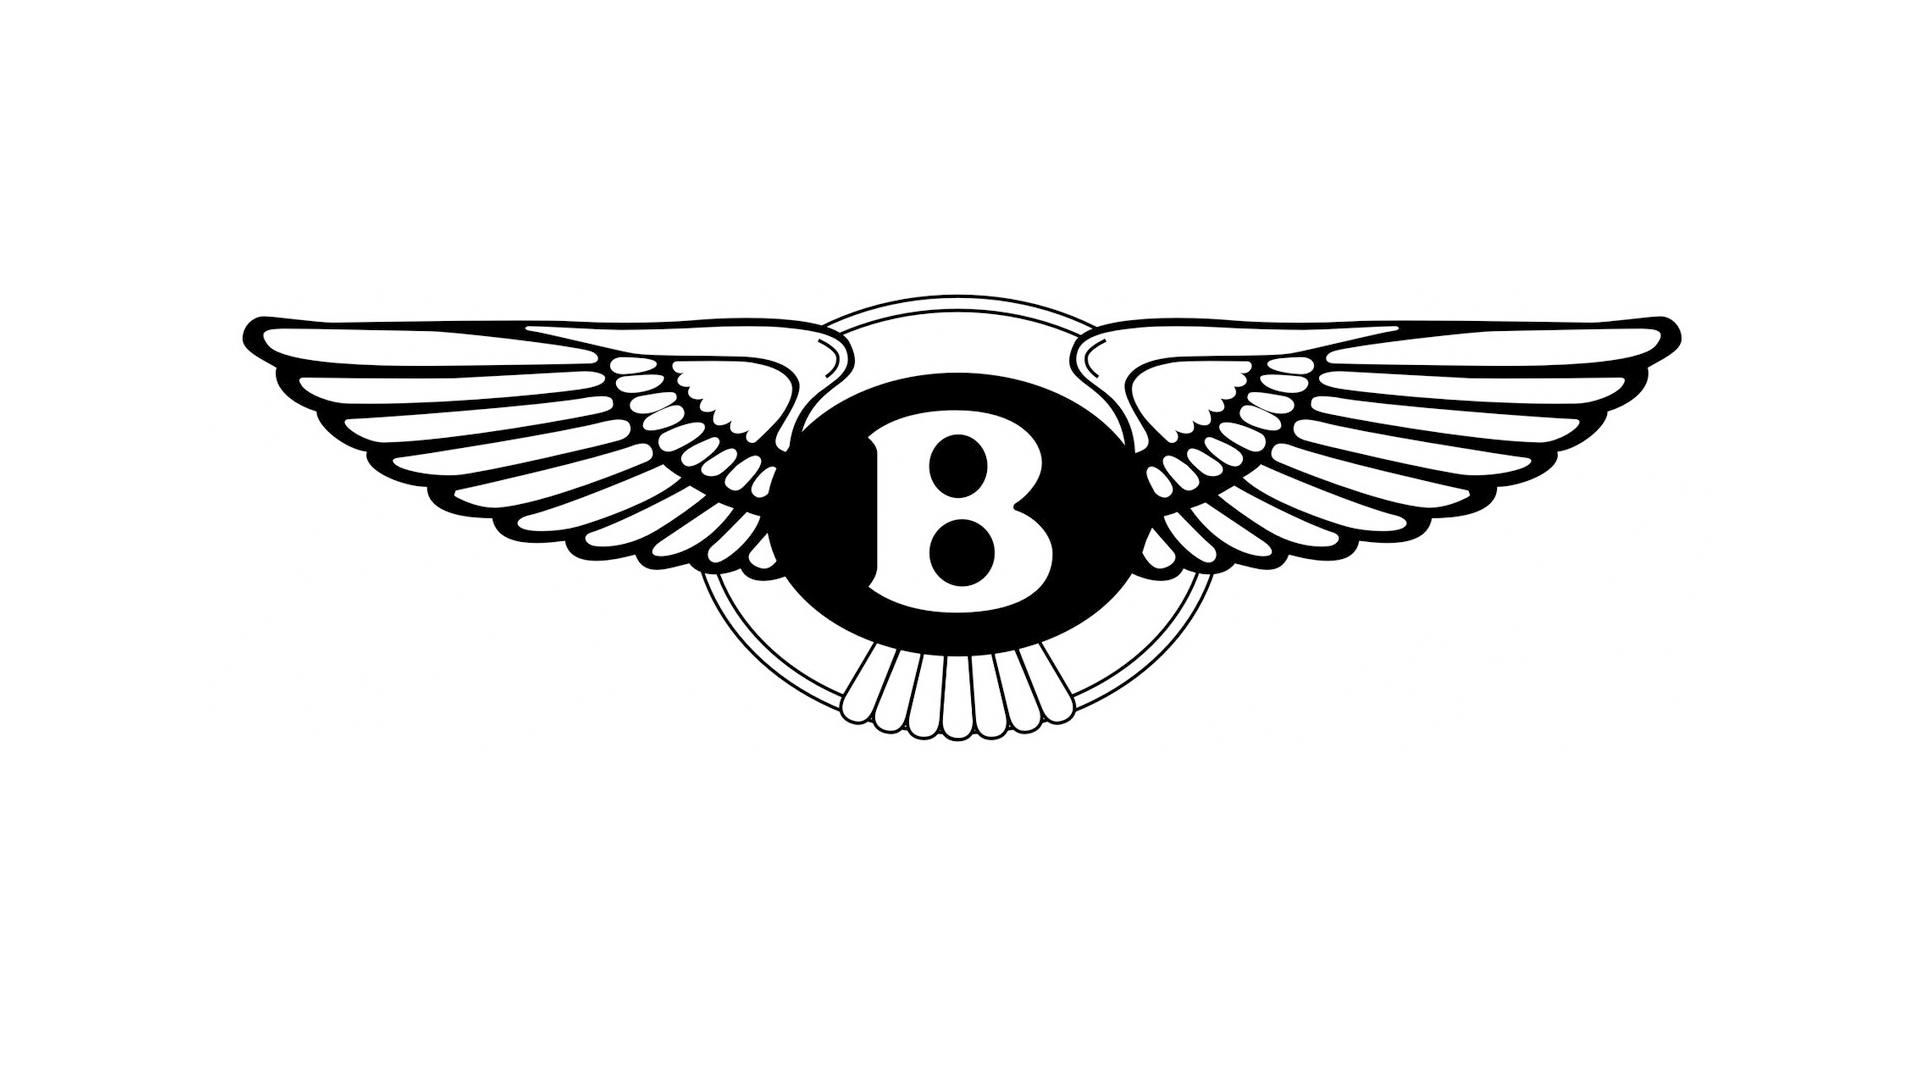 бентли логотип